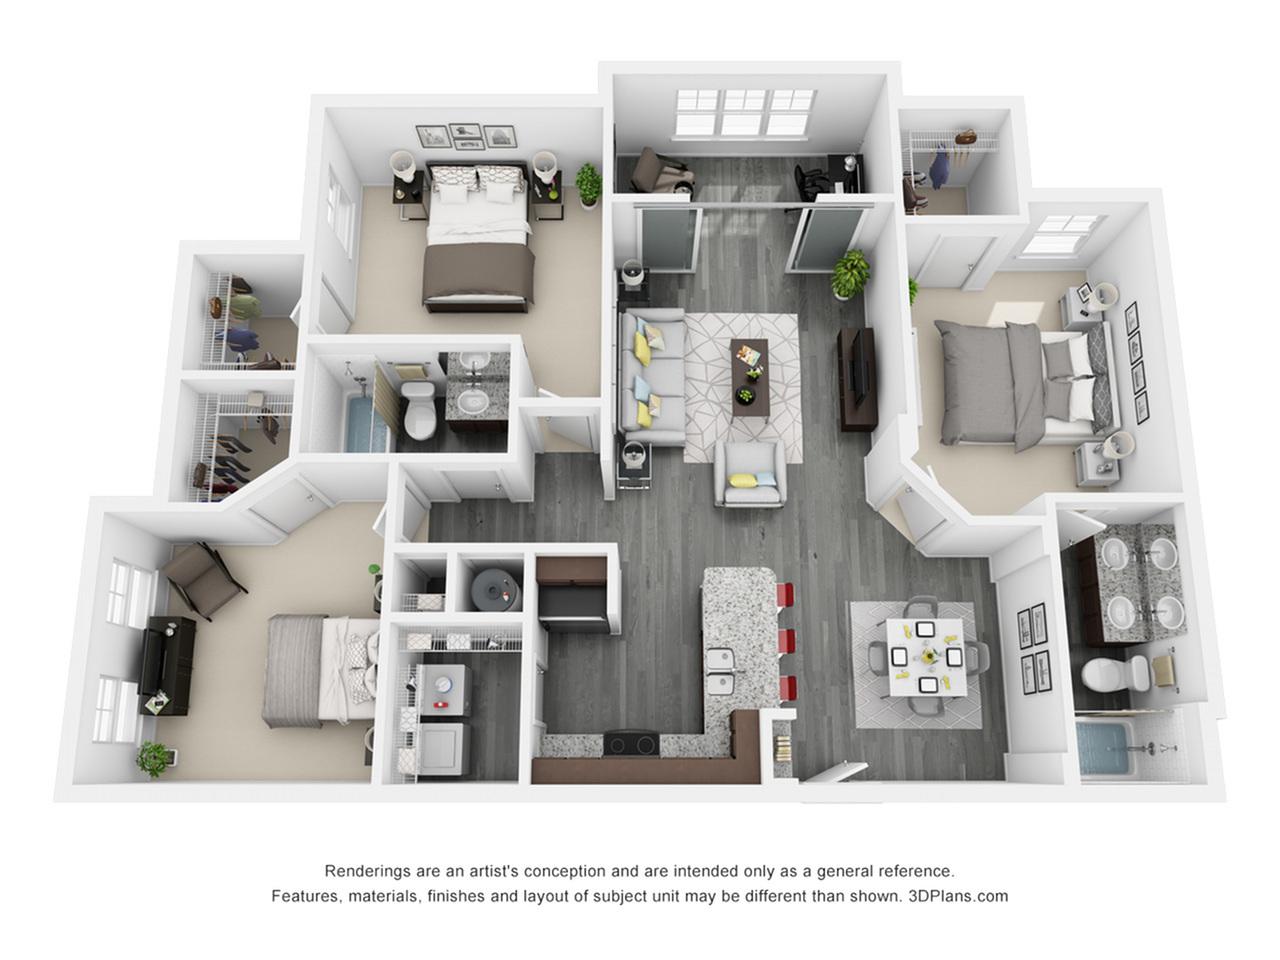 3 Bedroom, 2 Bathroom Key West